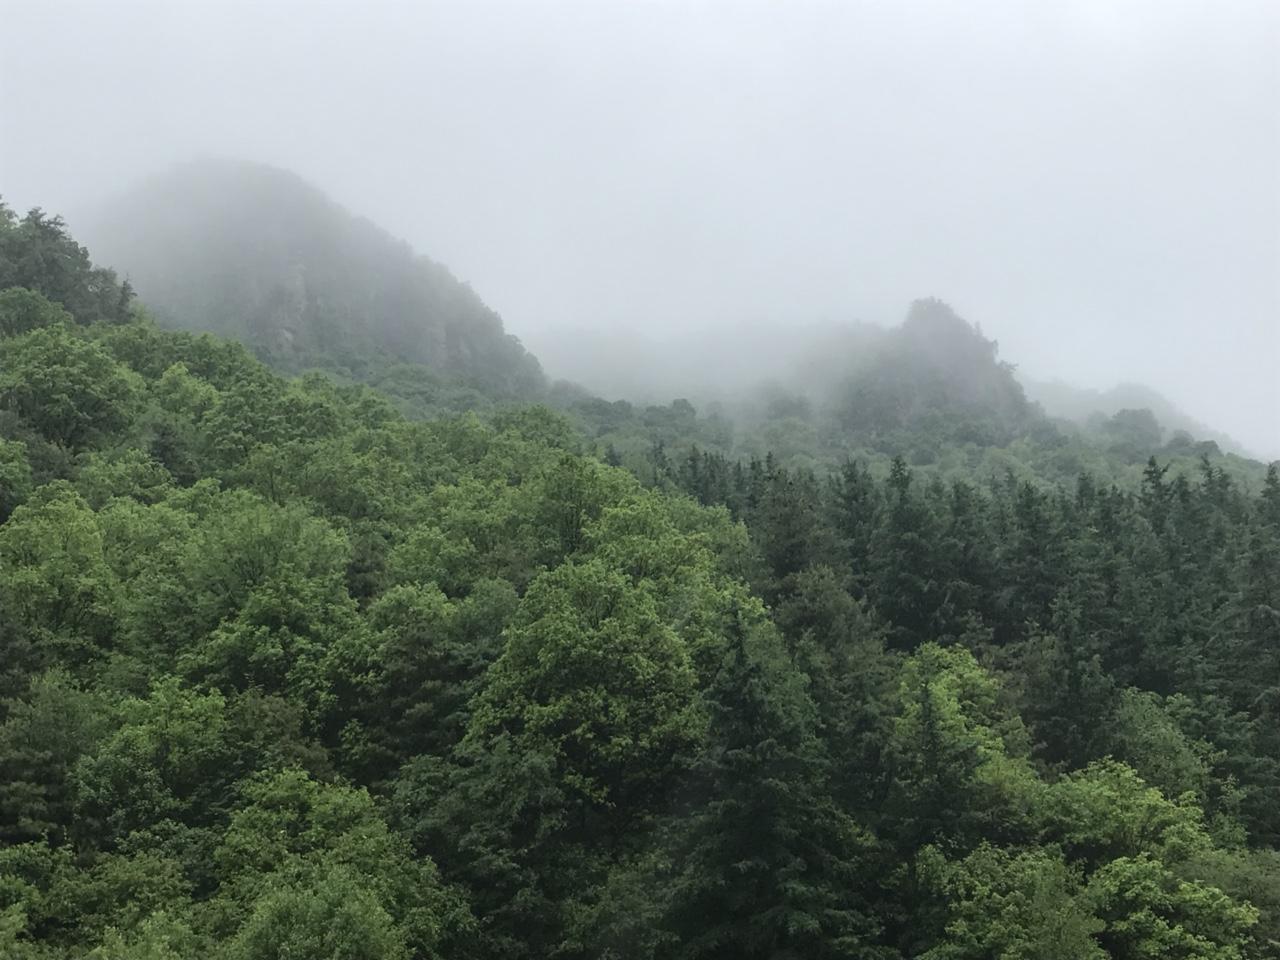 烟雨关山,千年不变的景色